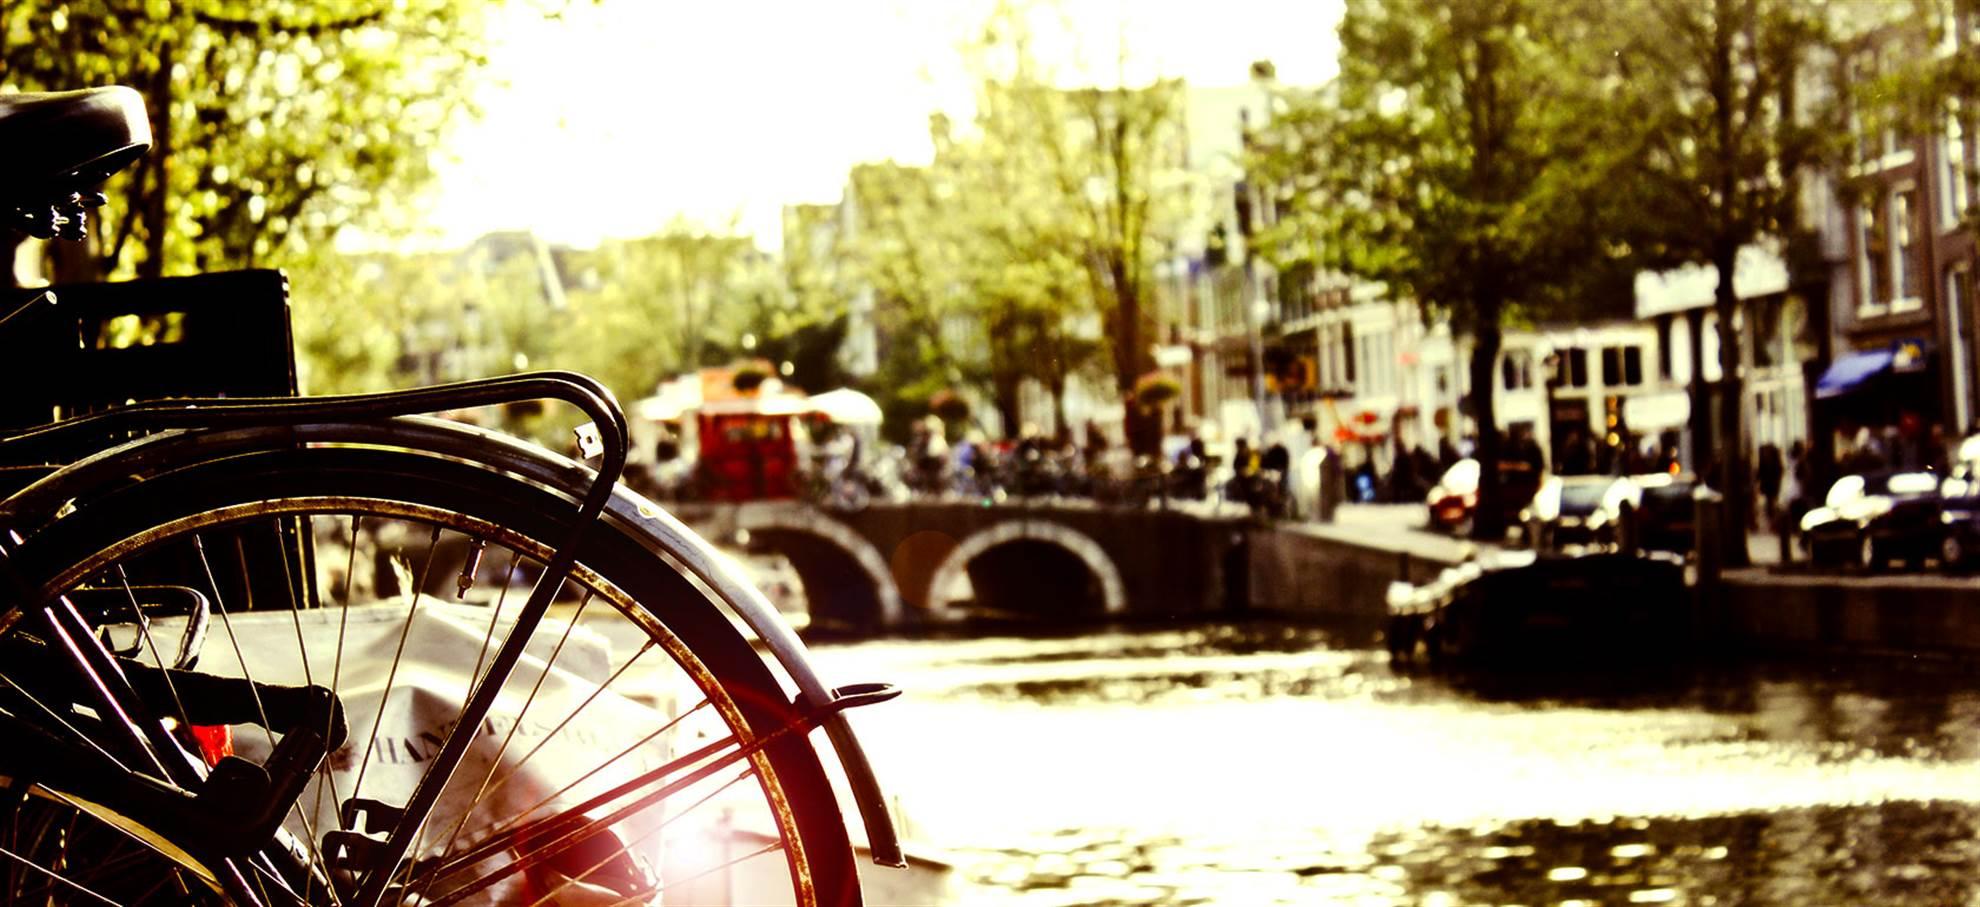 Tour de Bicicleta pela cidade (2 horas)